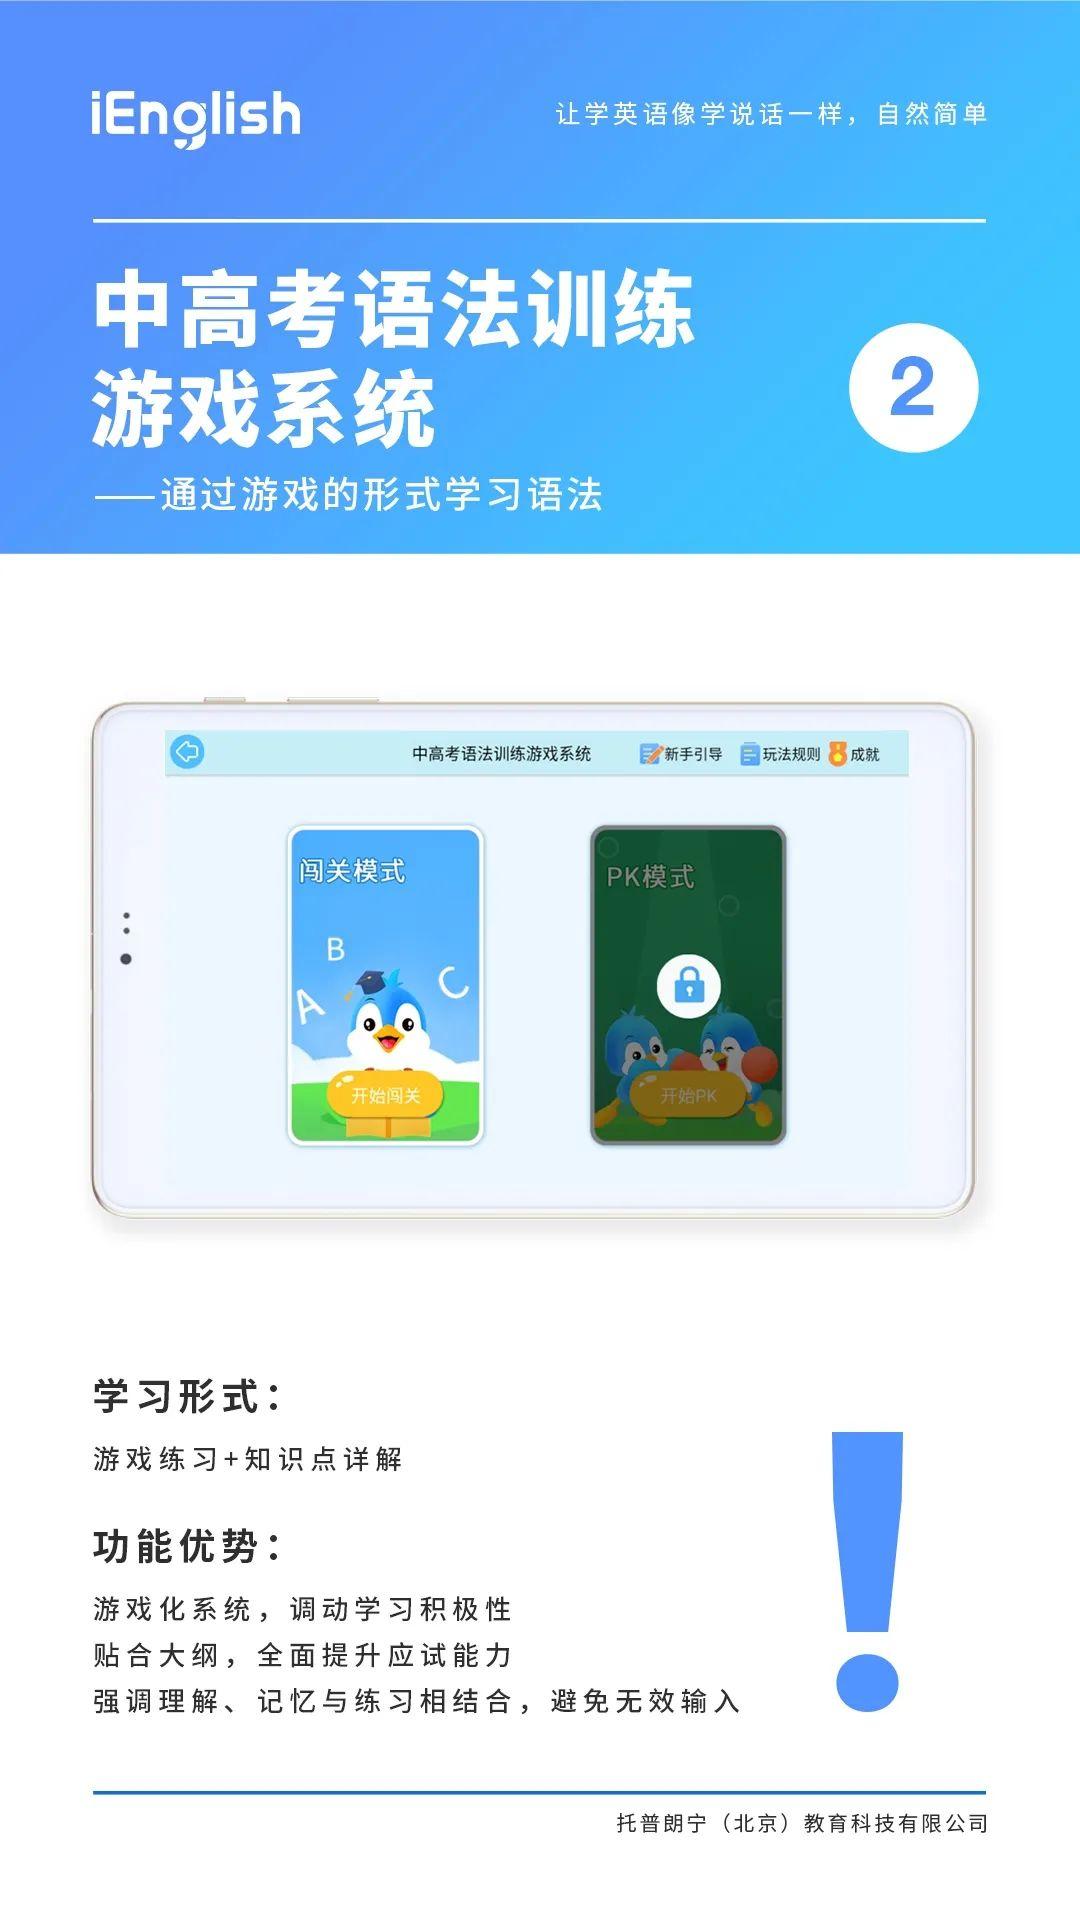 """iEnglish中高考语法训练游戏系统,边""""玩""""边学,快乐学语法"""